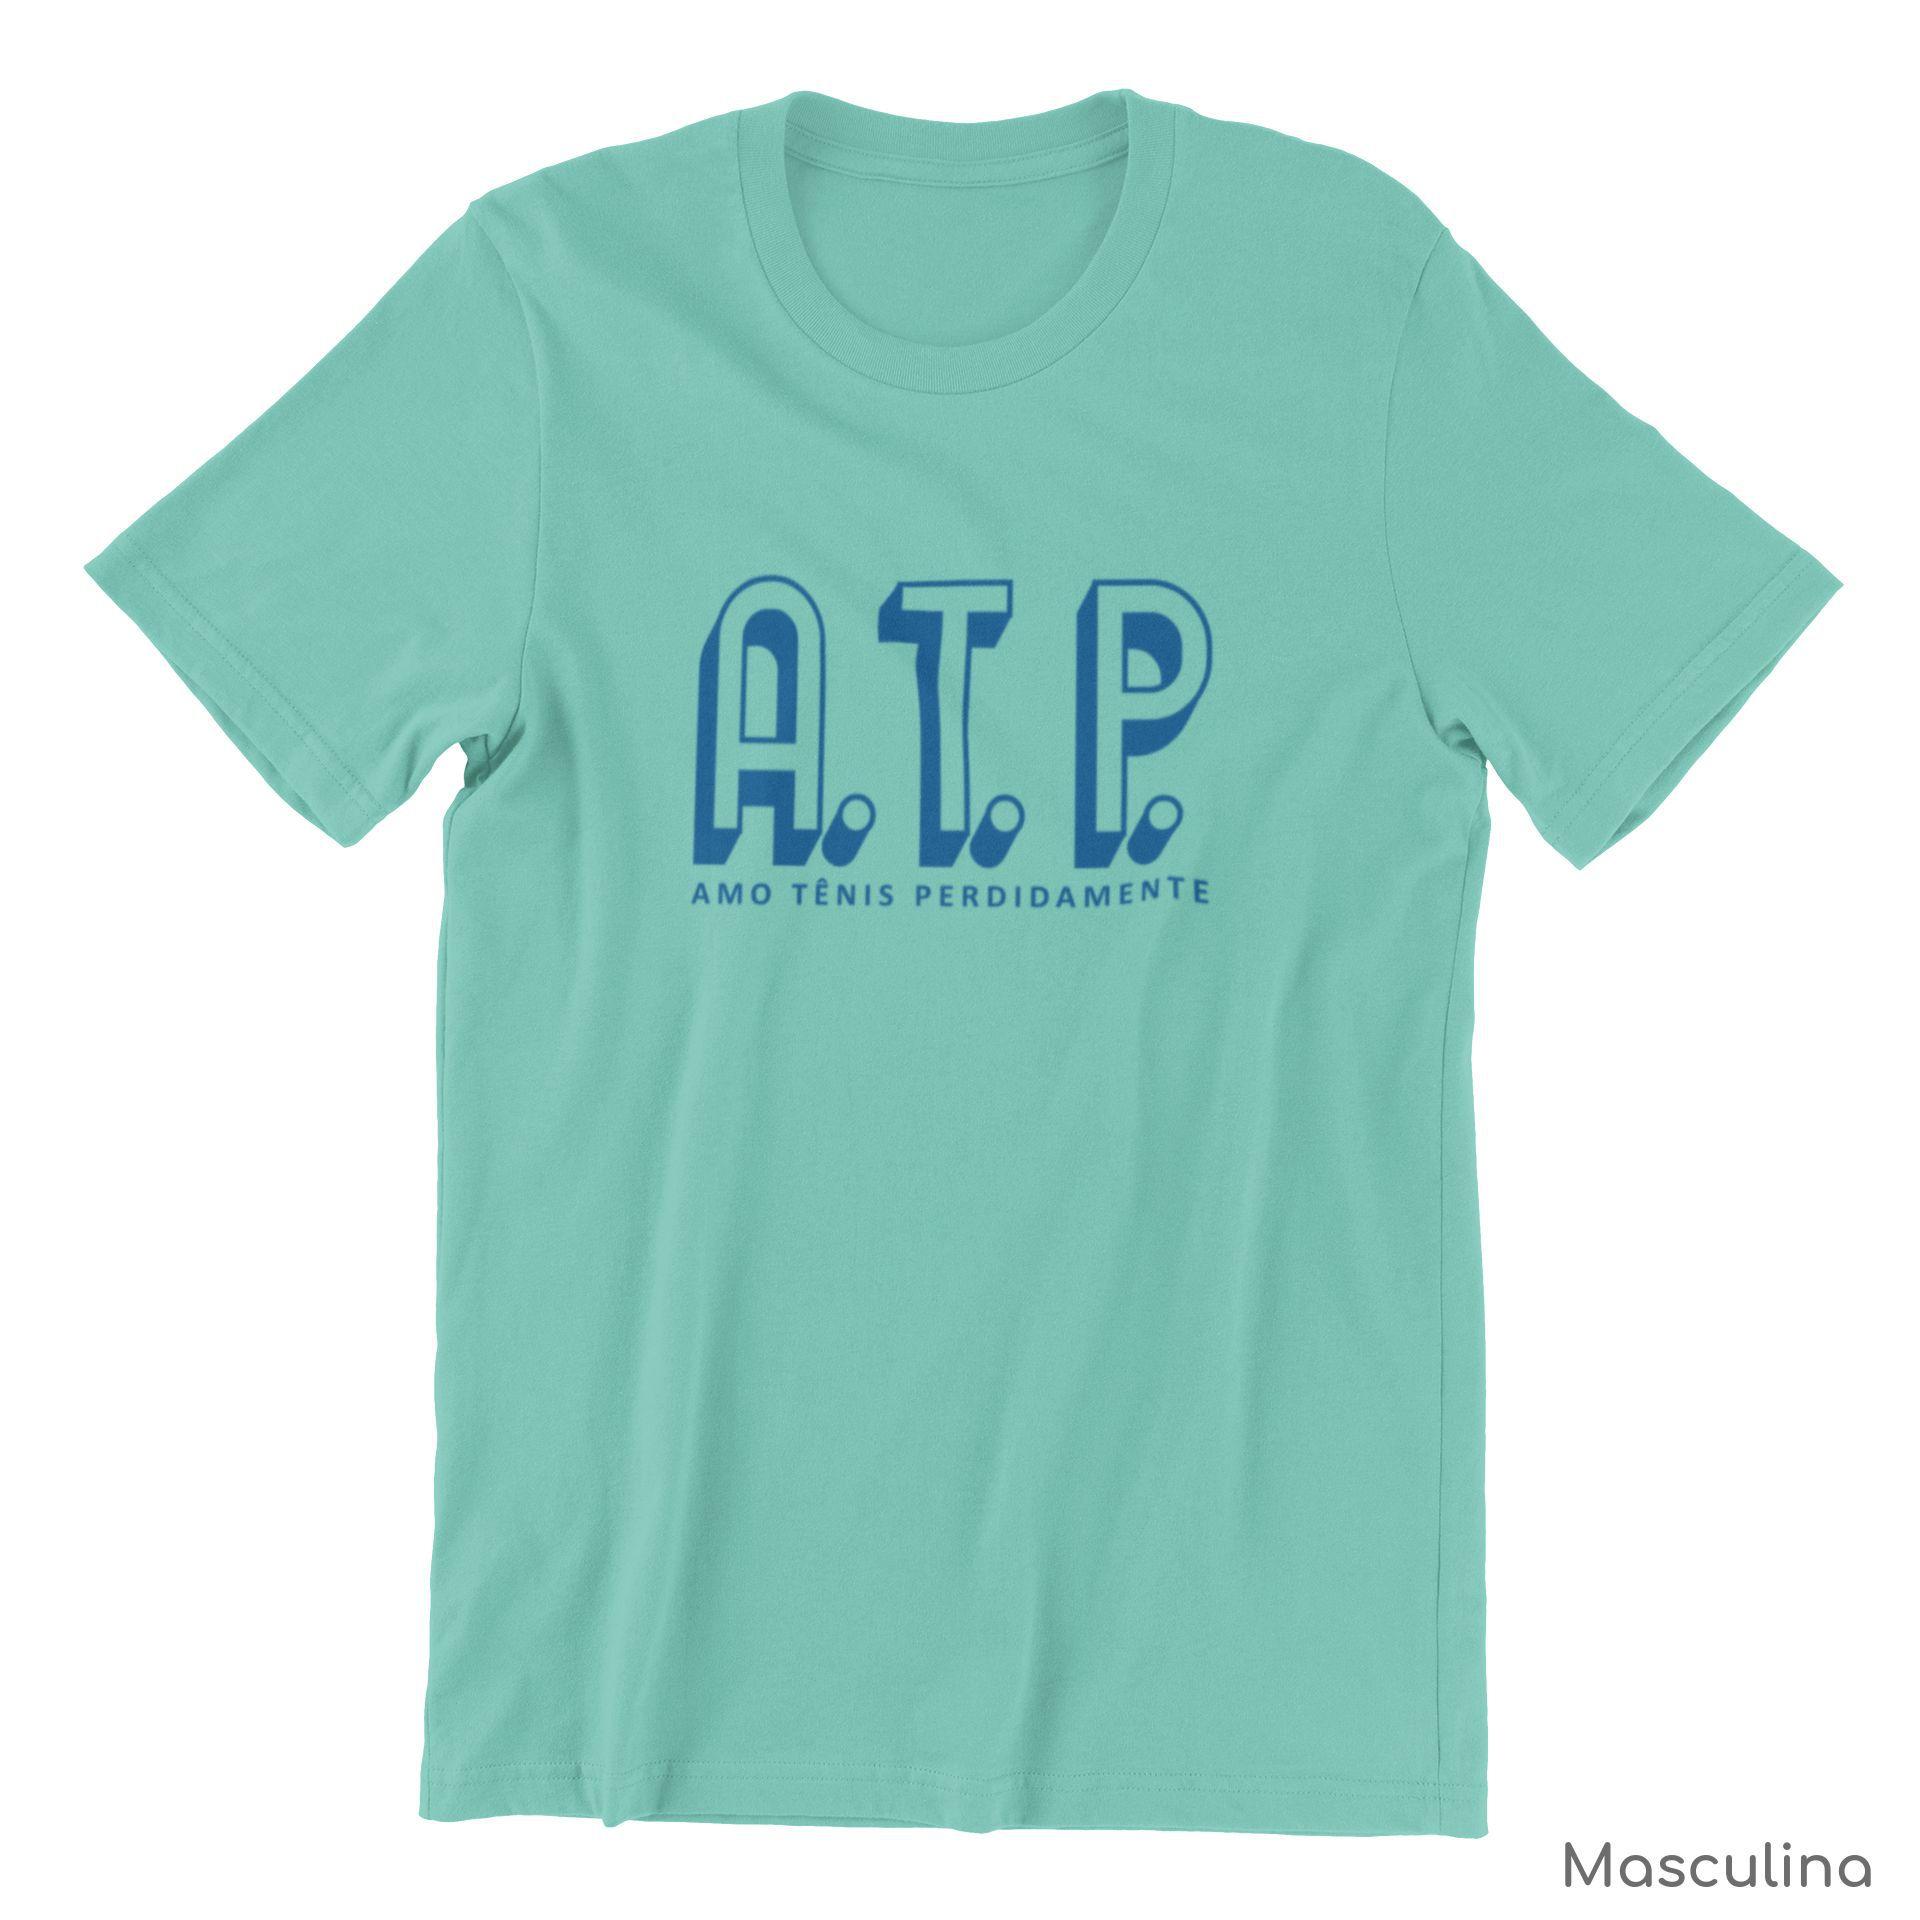 Camiseta ATP (AMO TÊNIS PERDIDAMENTE) >> Coleção 2019 >> MASCULINA